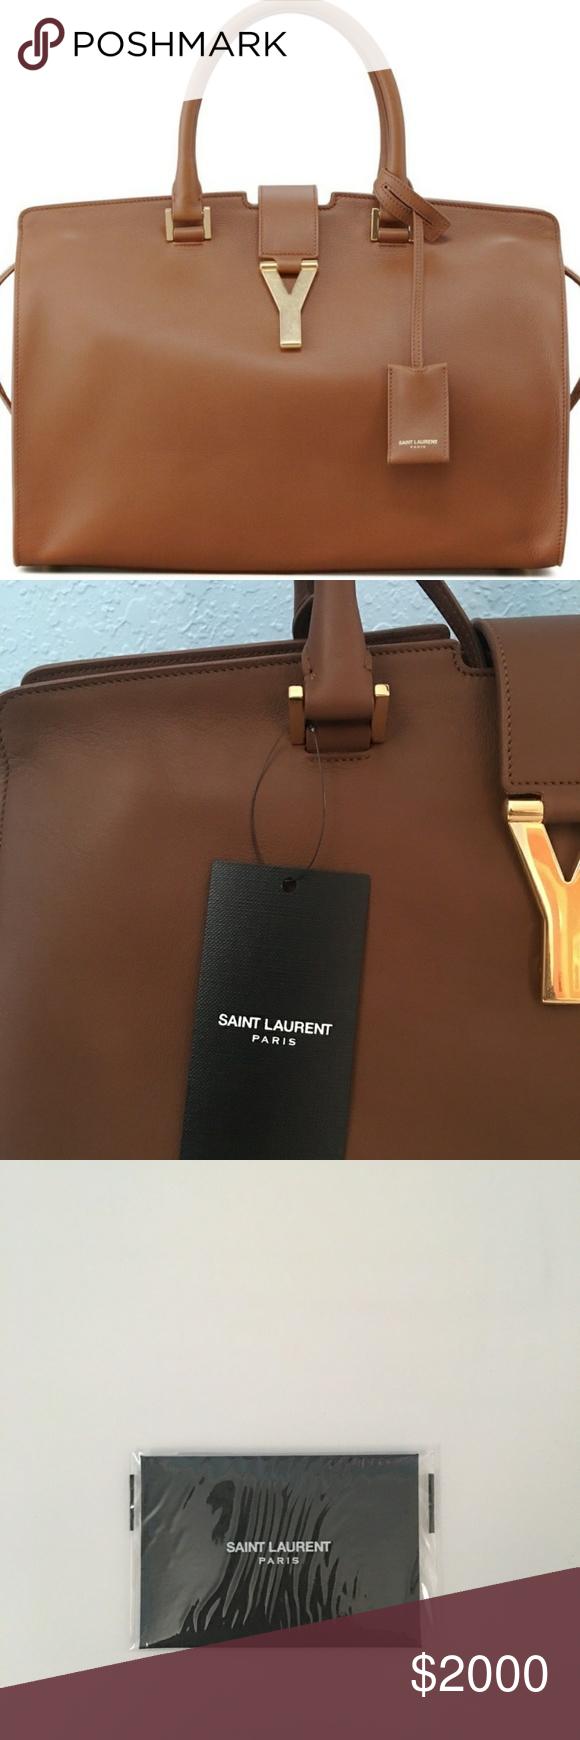 db8c0df36d Authentic Yves Saint Laurent Classic Y Cabas Bag Tubular Top Handle Bag  Yves Saint Laurent Bags Satchels